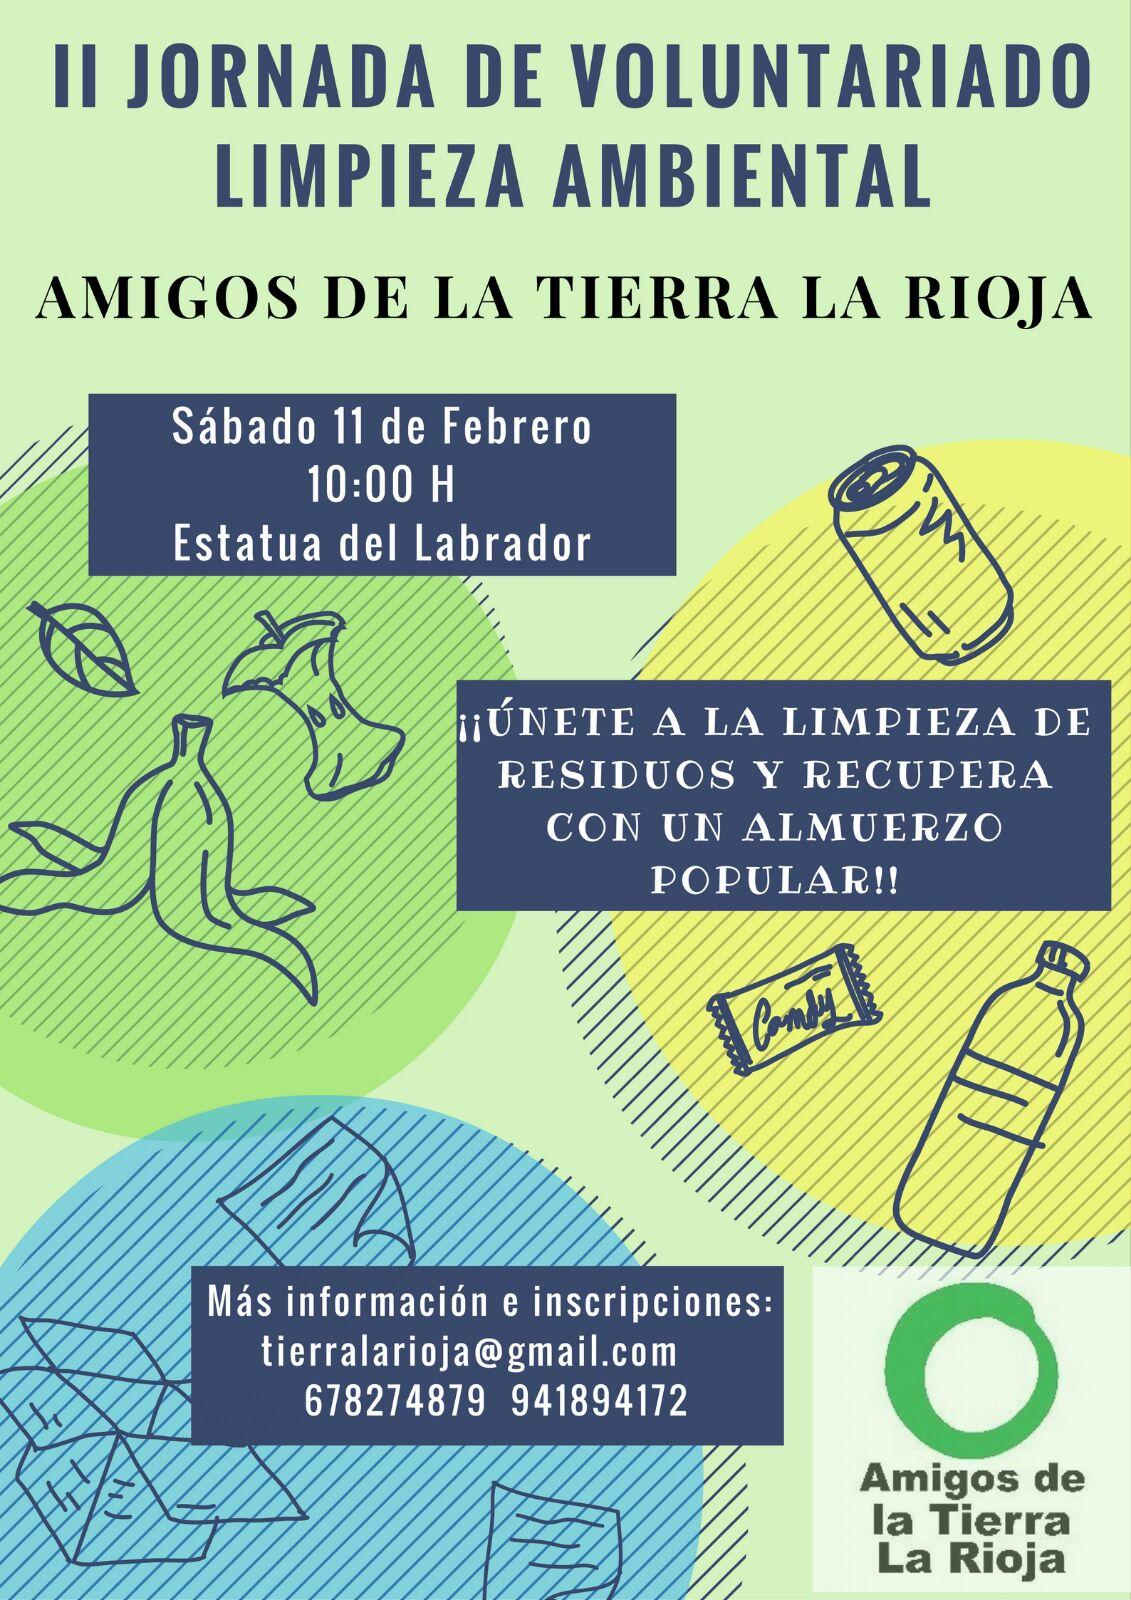 Ir a La Rioja: II Jornada de voluntariado ambiental